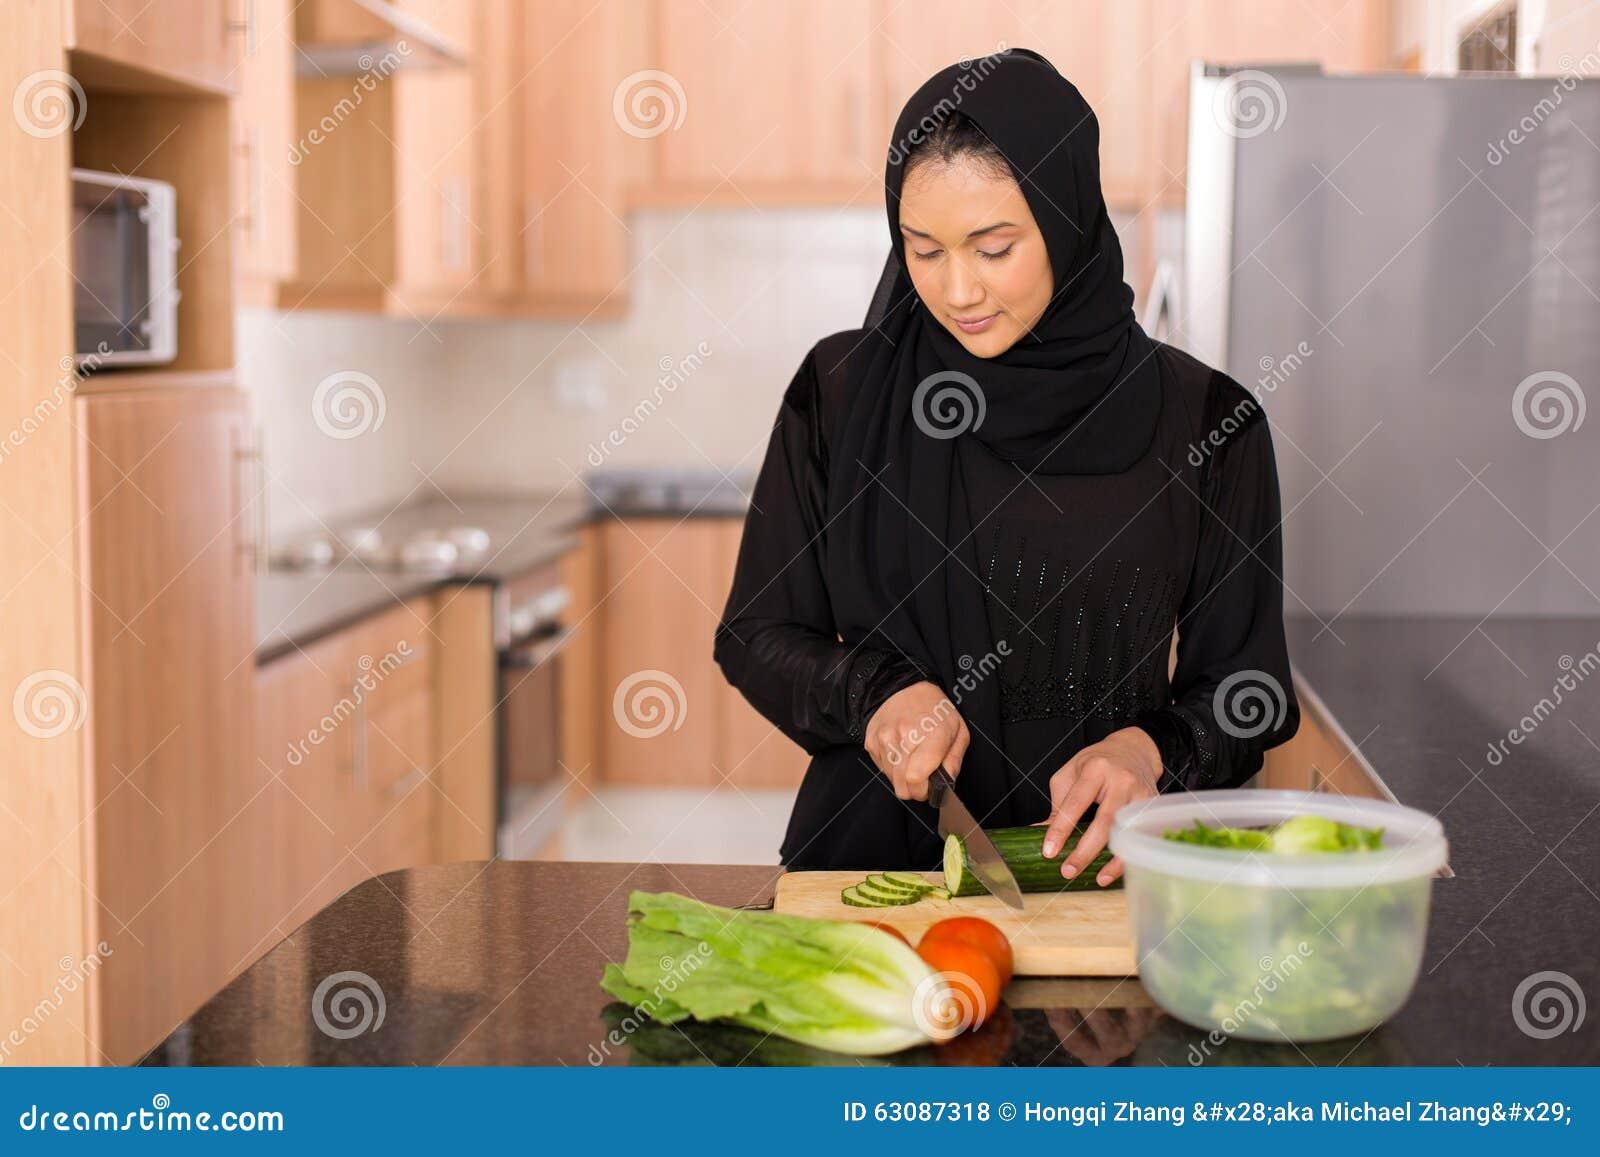 Download Femme Musulmane Coupant Des Légumes Photo stock - Image du sain, vert: 63087318